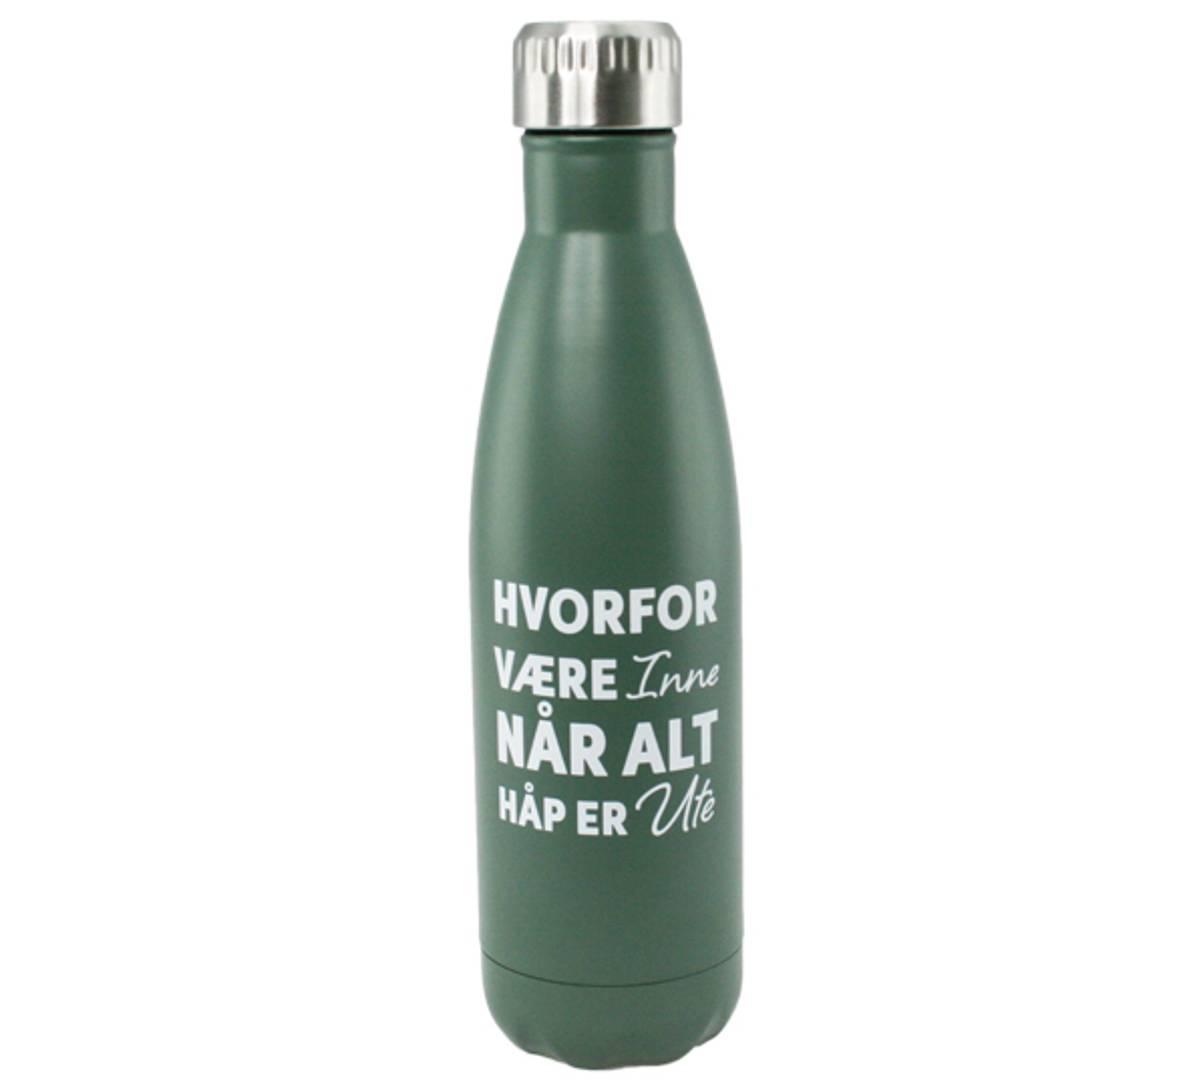 Termoflaske grønn, hvorfor være inne når alt håp er ute